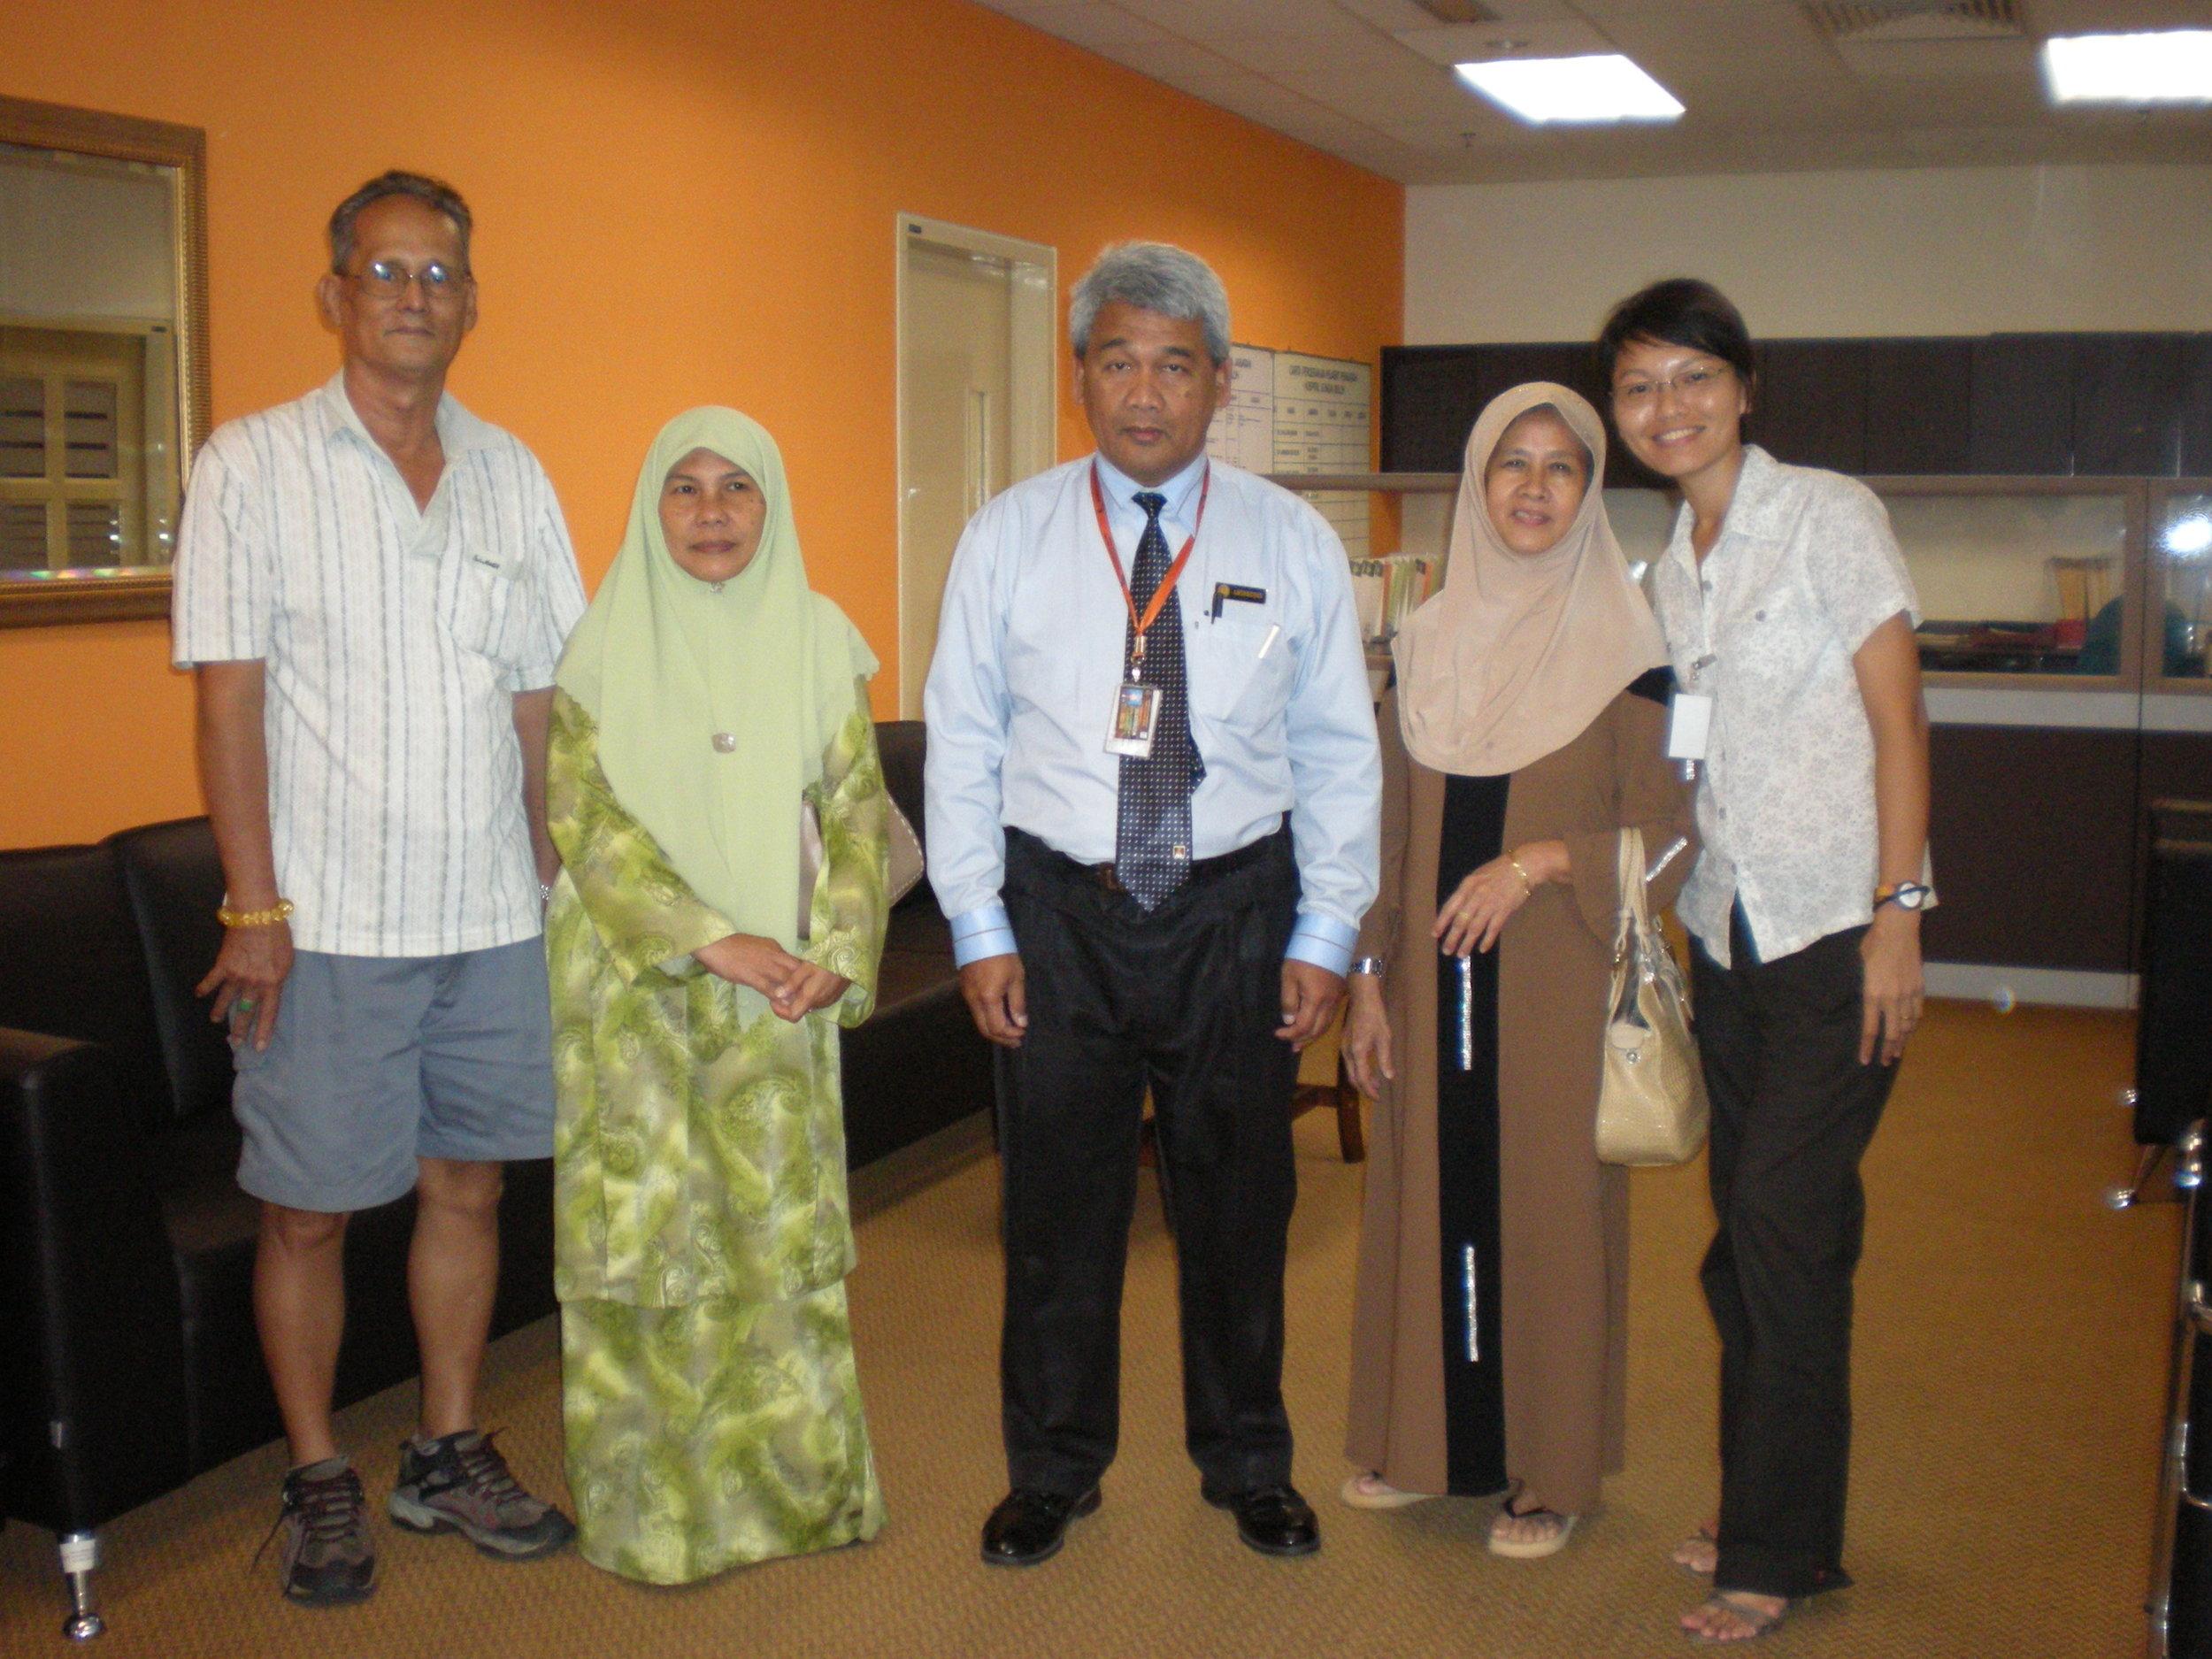 双溪毛糯医院副总监阿敏医生协助麻疯病人后代找回他们的的报生纸。(林美金 摄)